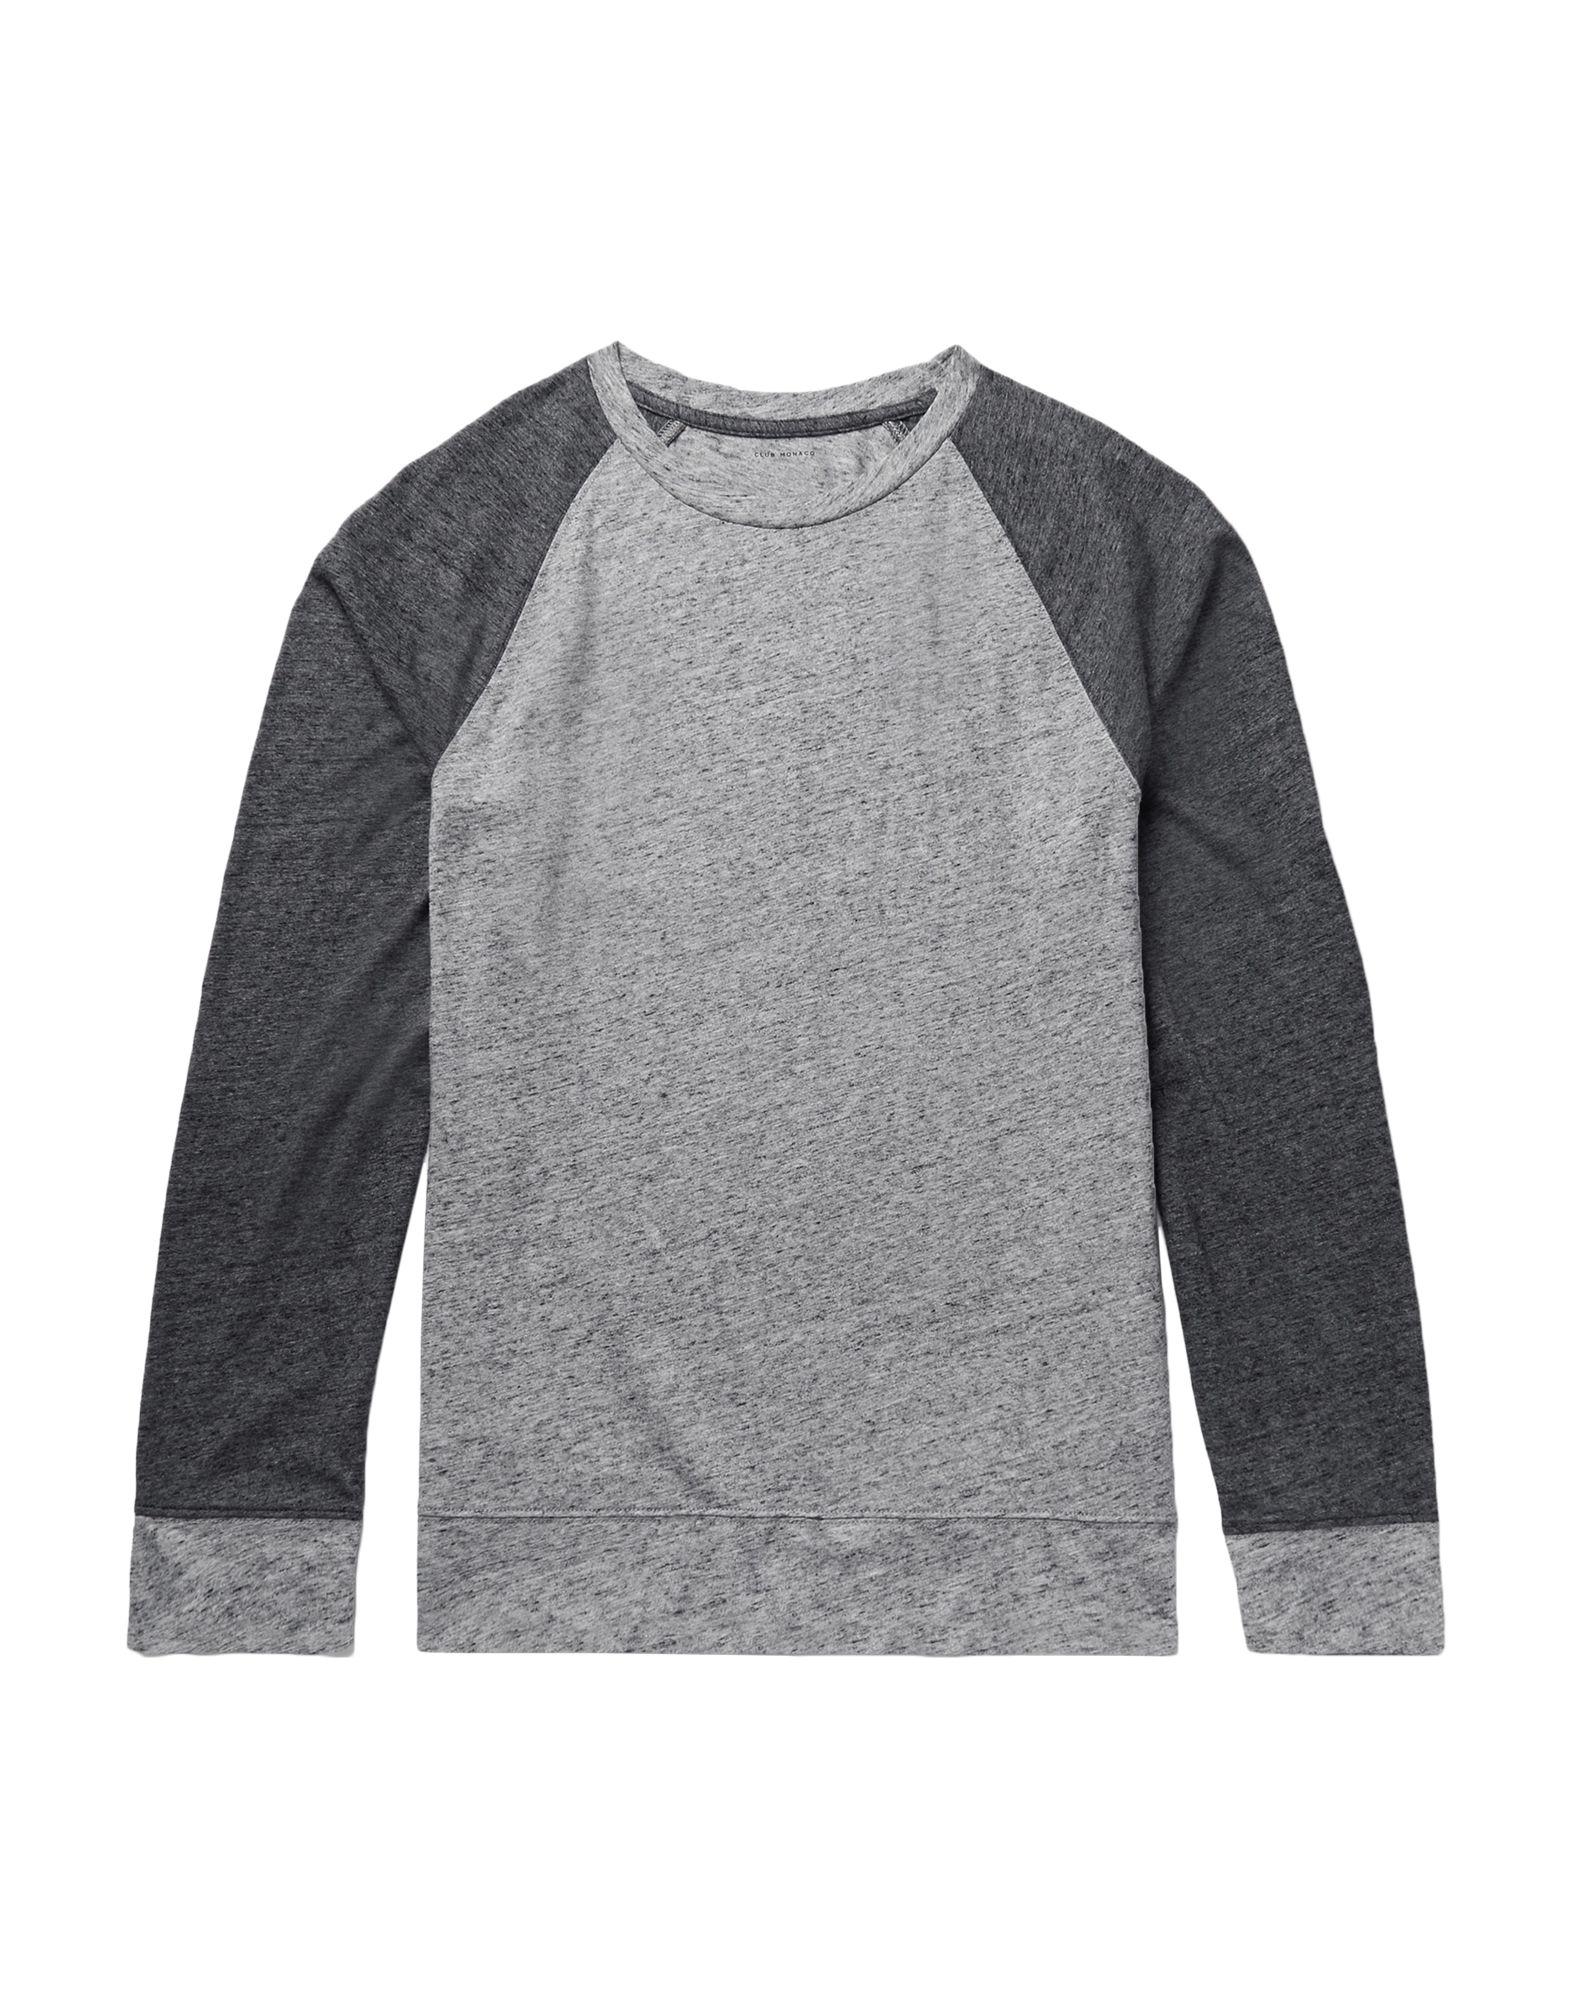 T-Shirt Club Monaco uomo - 12364381HN